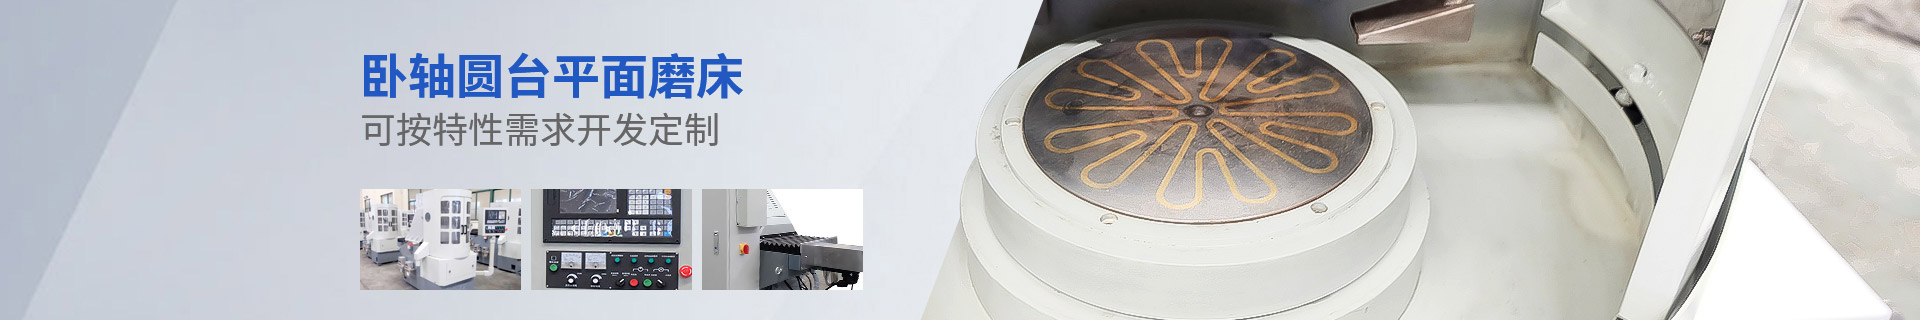 勤龙卧轴圆台平面磨床可按特性需求开发定制